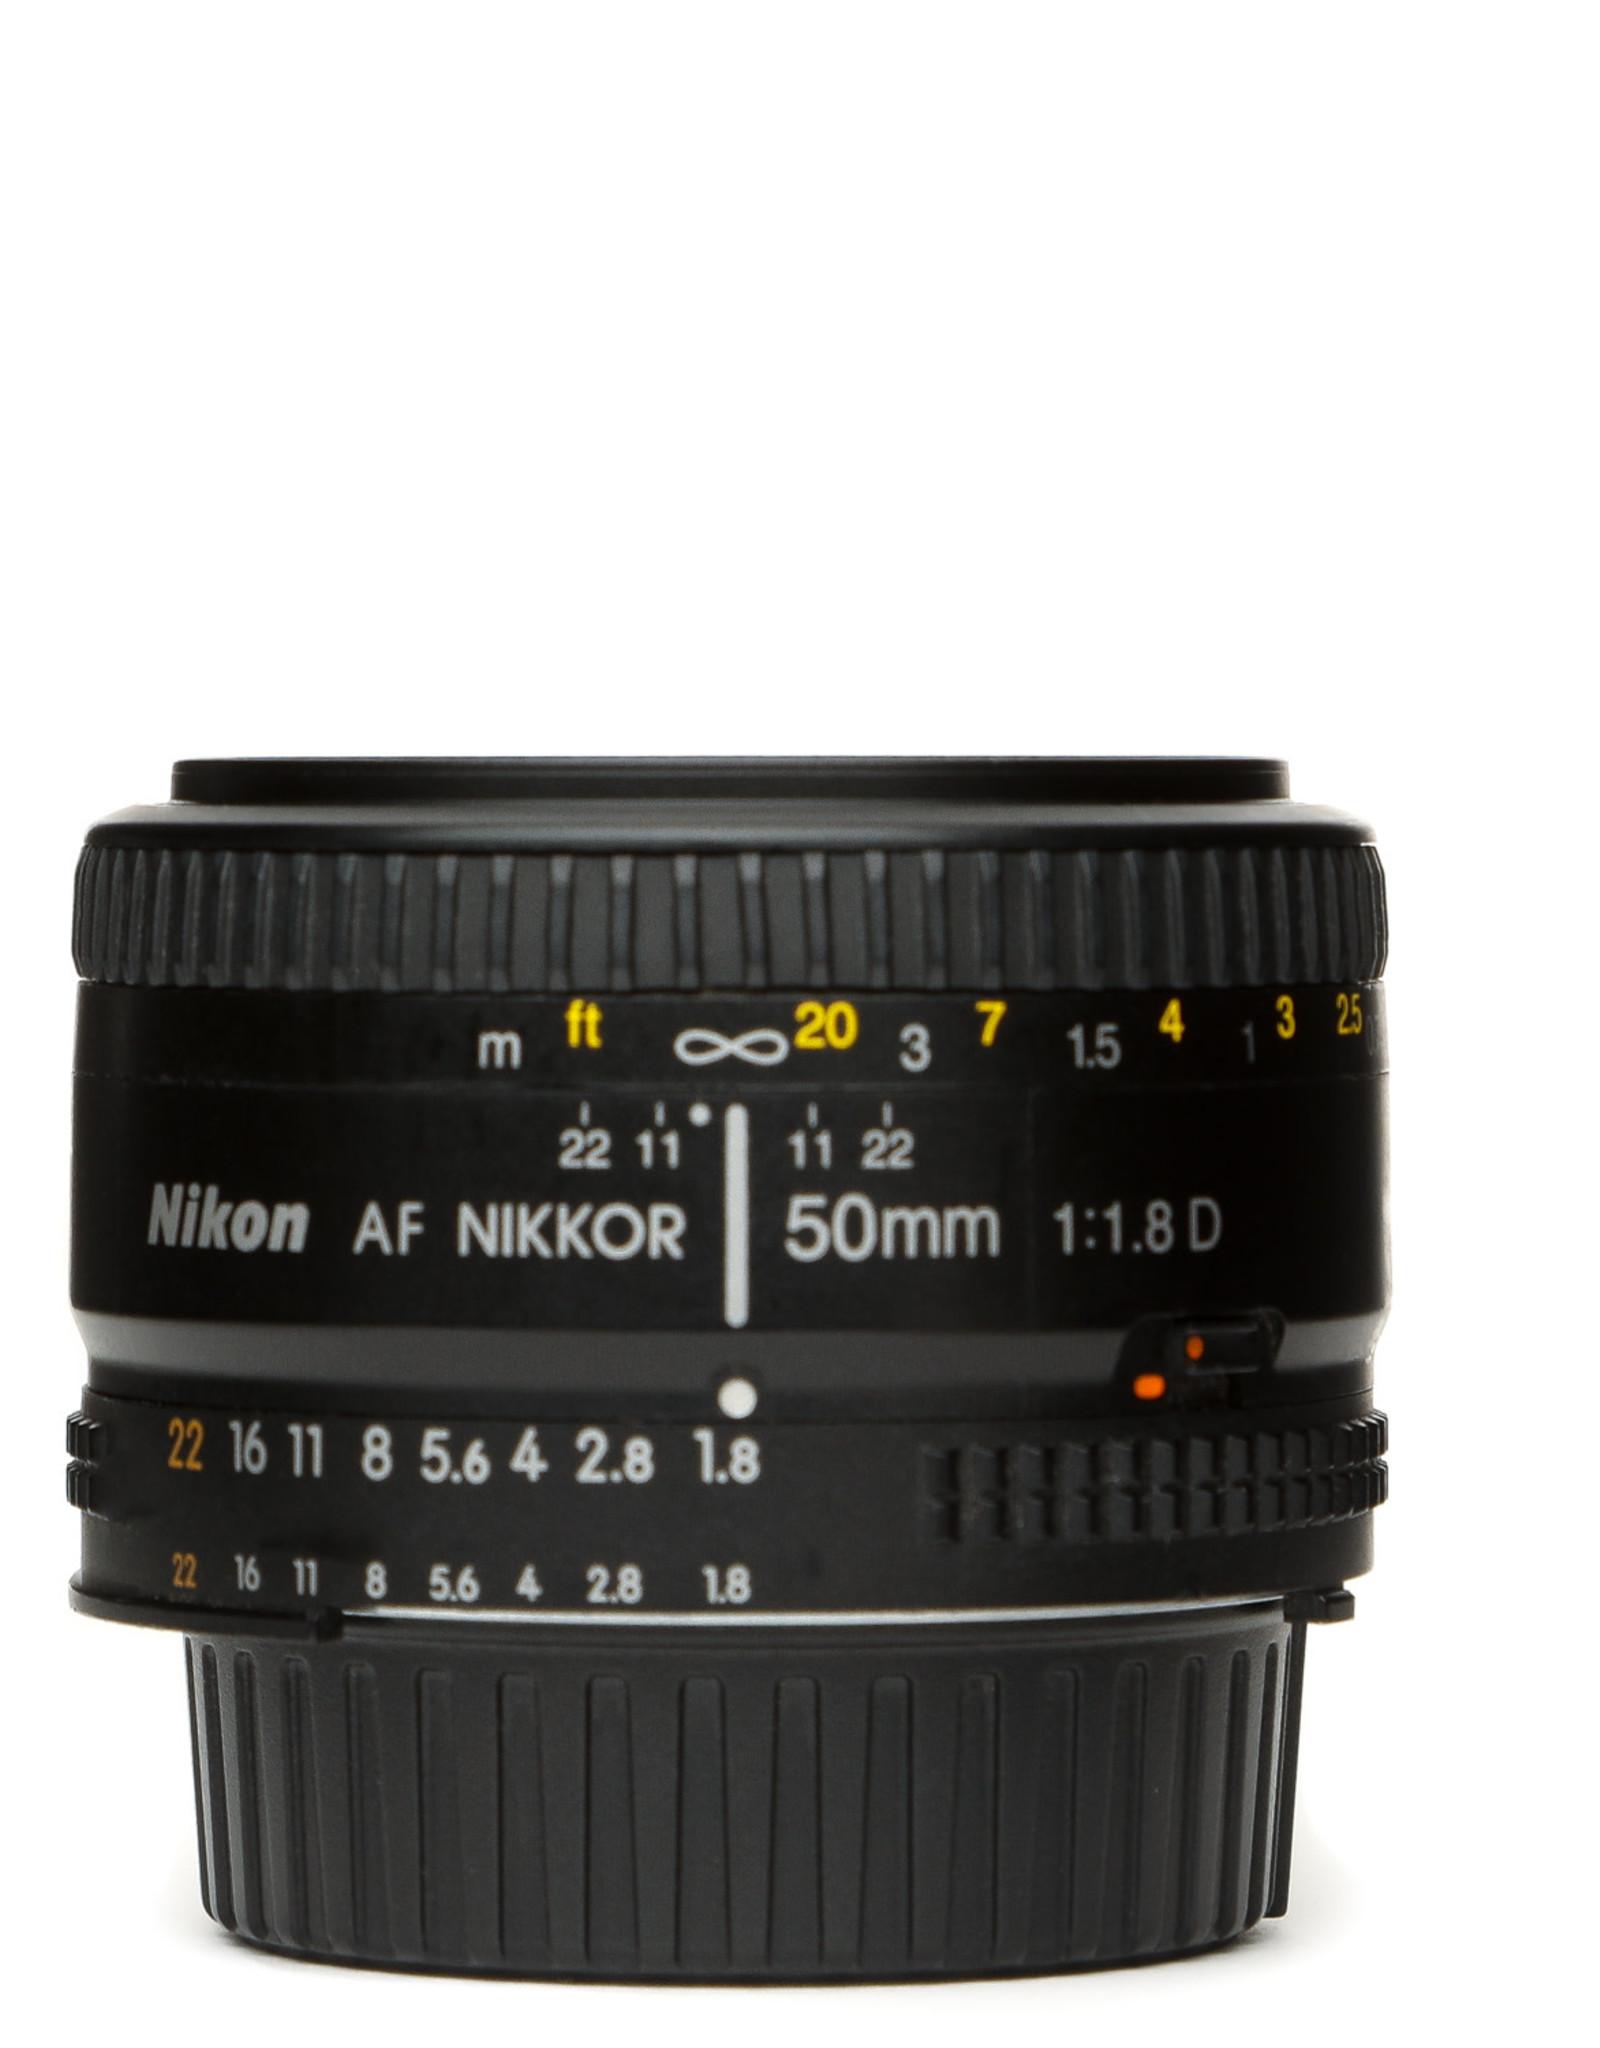 Nikon Nikon 50mm f1.8 AF D Lens